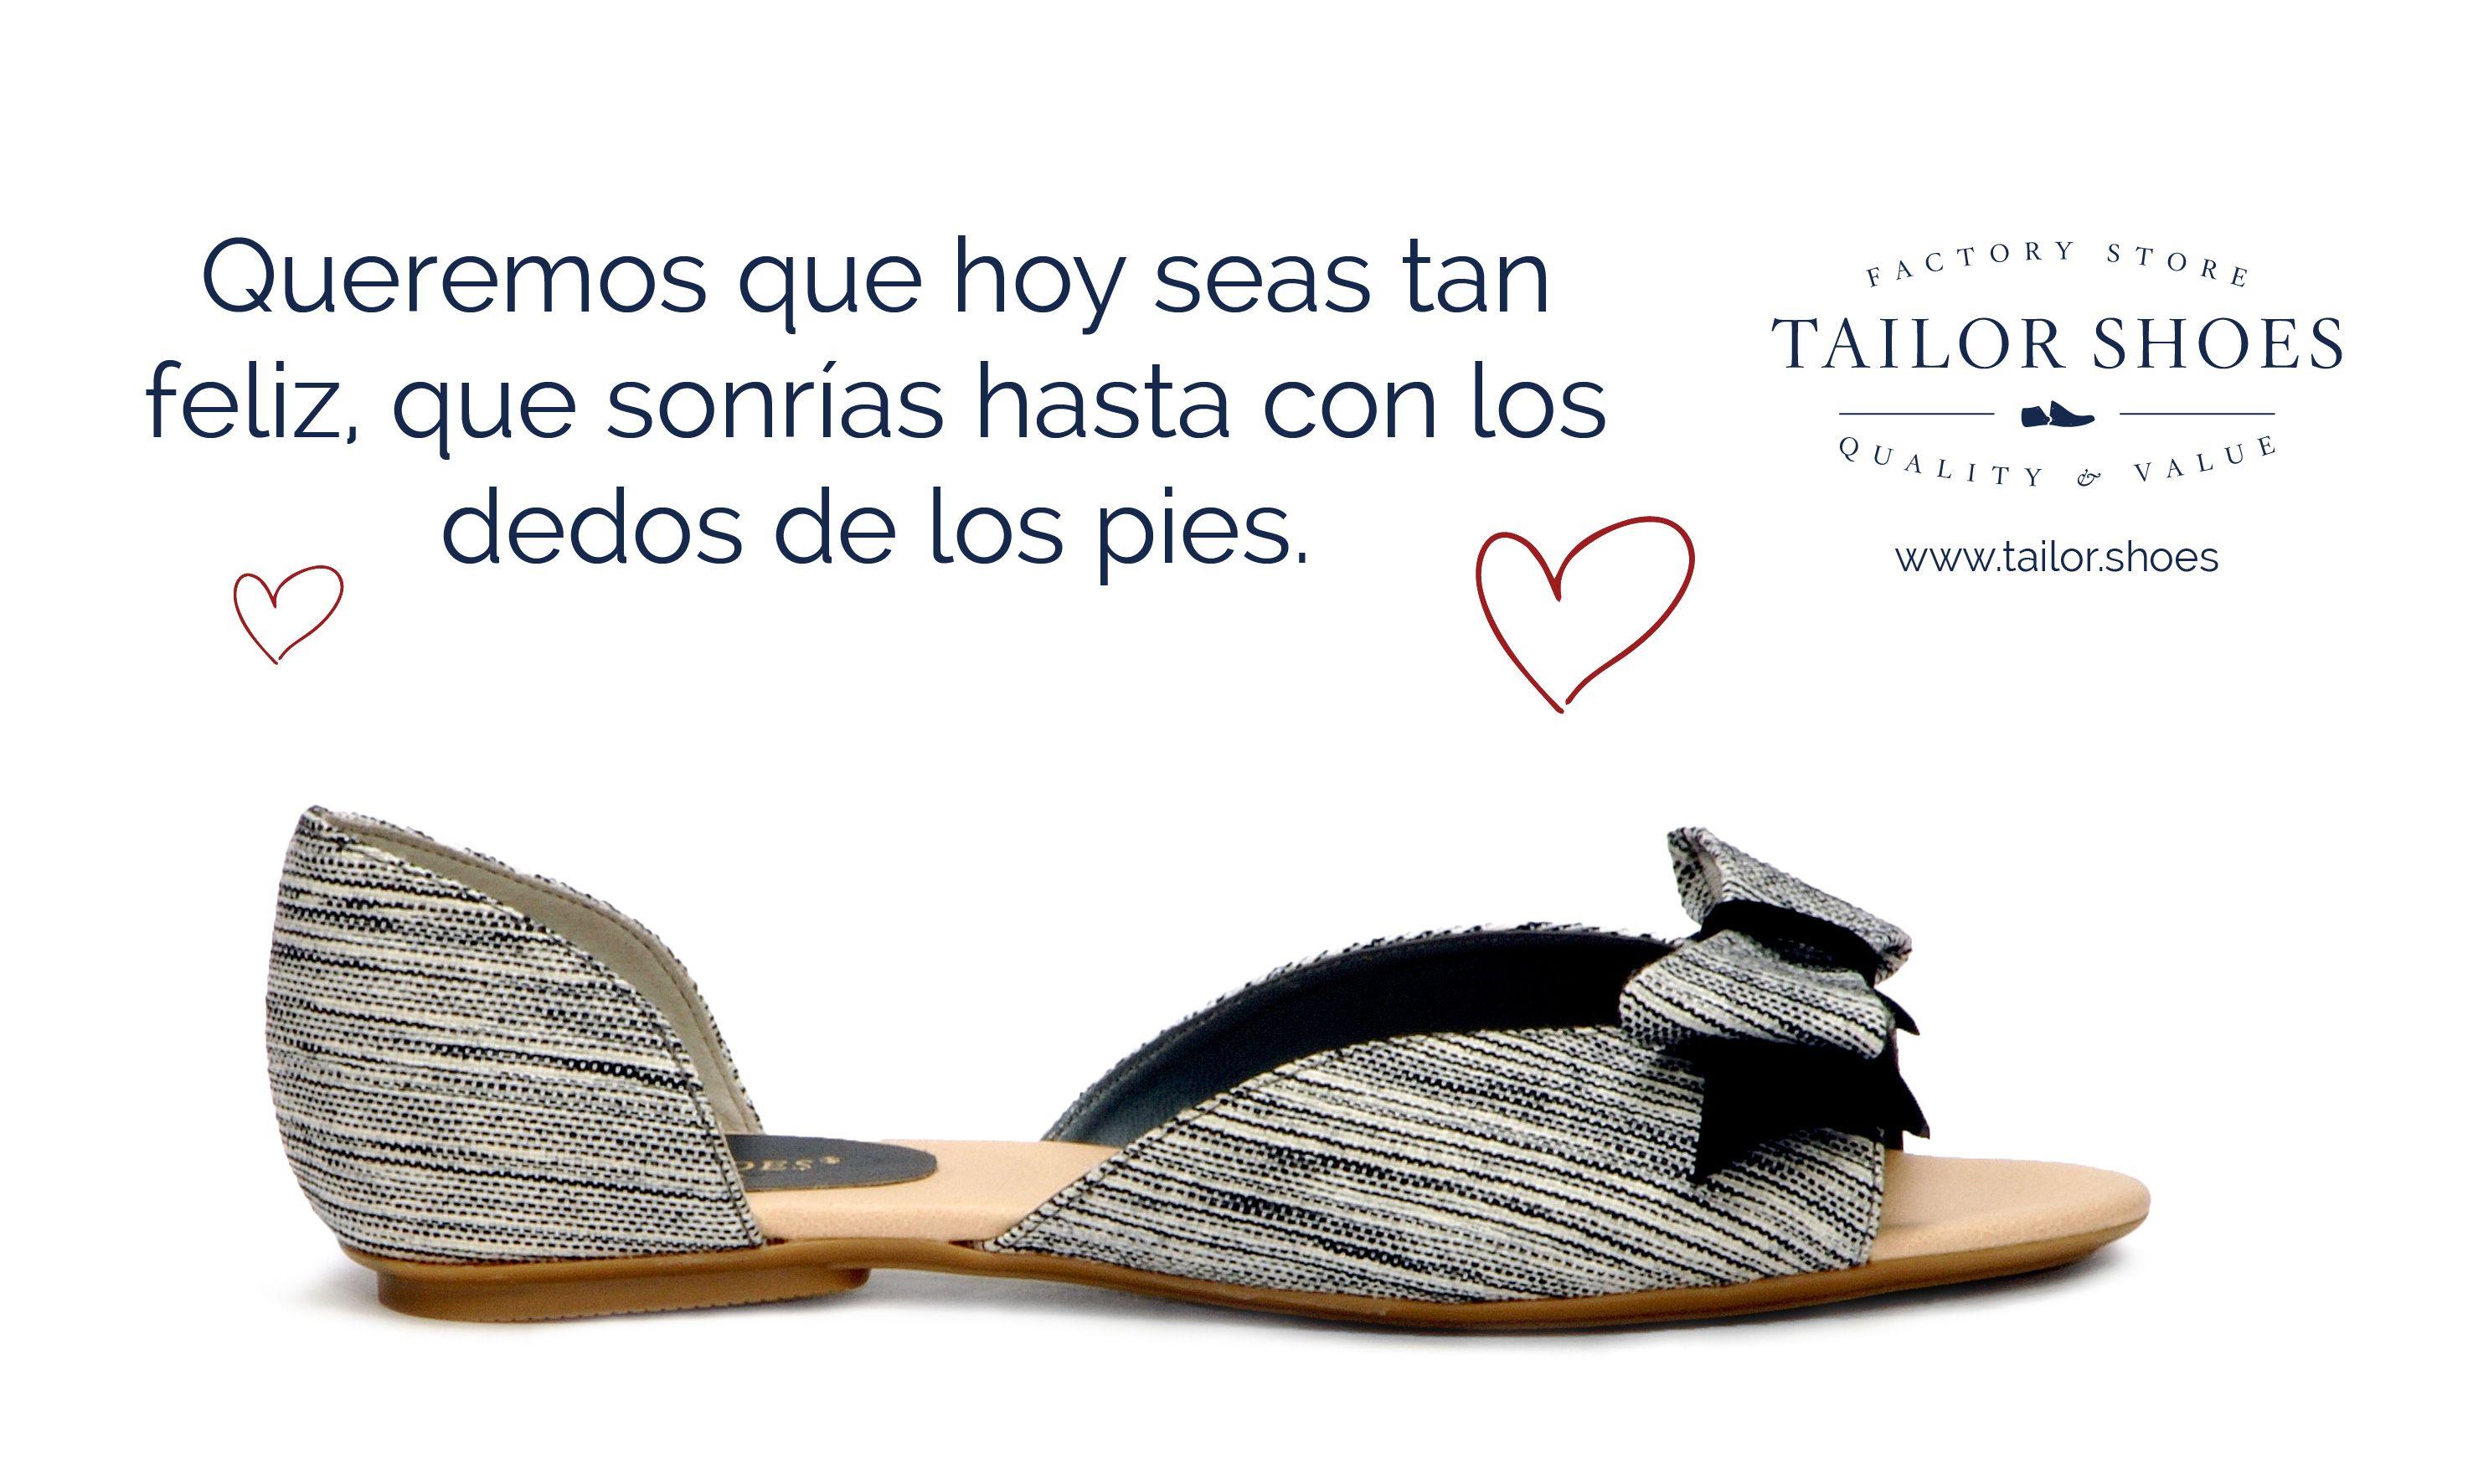 Queremos que seas feliz estrenando, por eso en #TailorShoes tenemos los mejores precios para tí ya que somos fabricantes! Entra a www.tailor.shoes y compruébalo.